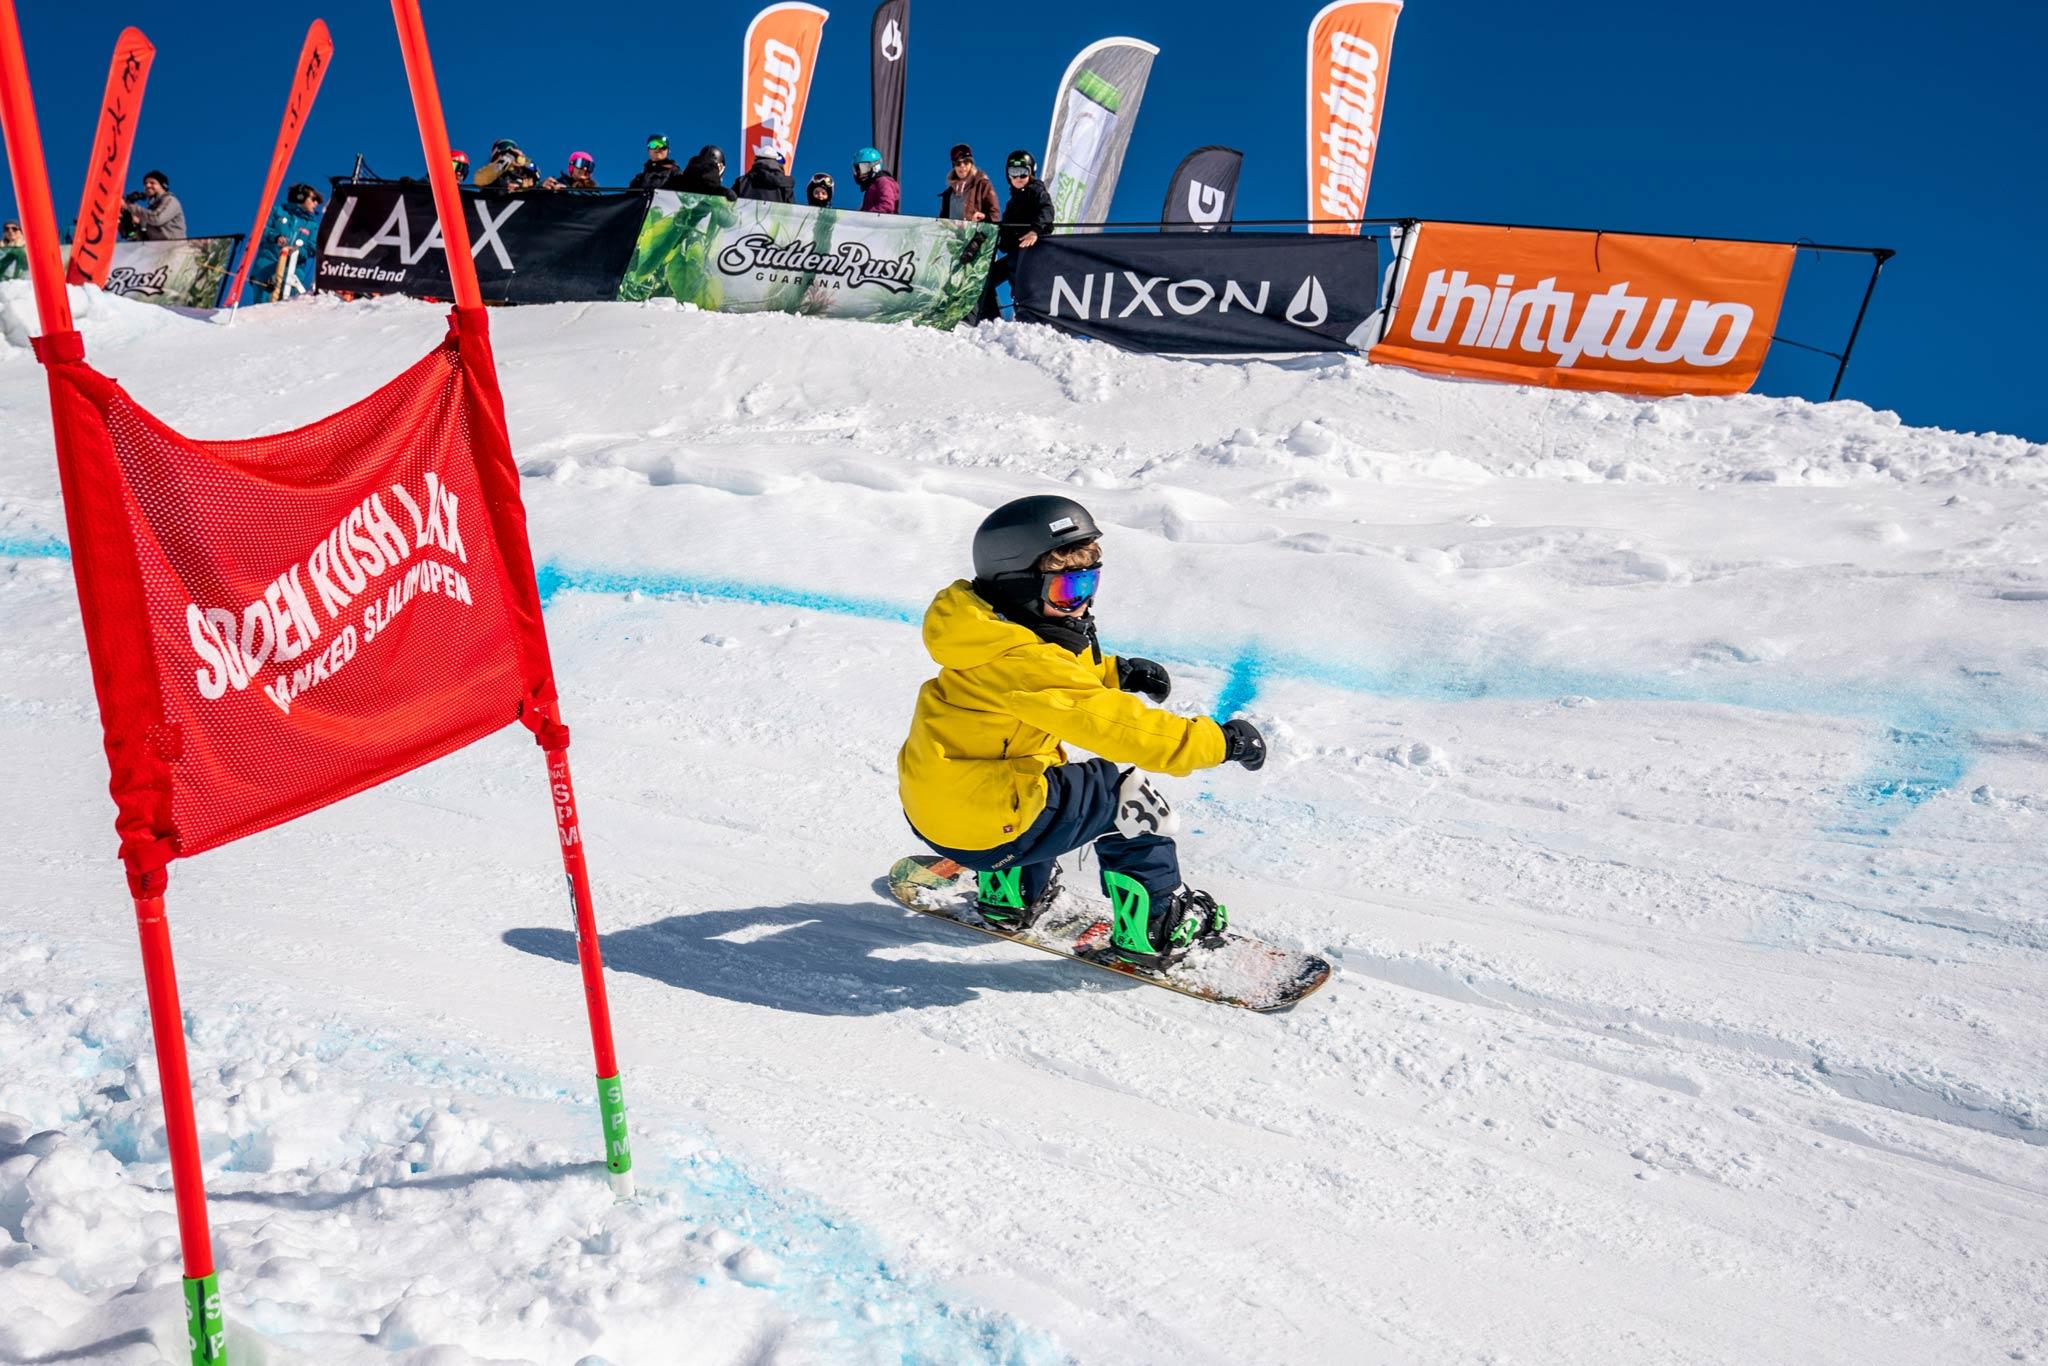 Beim SuddenRush Banked Slalom 2020 in LAAX treffen verschiedenste Generationen an Snowboardern aufeinander.